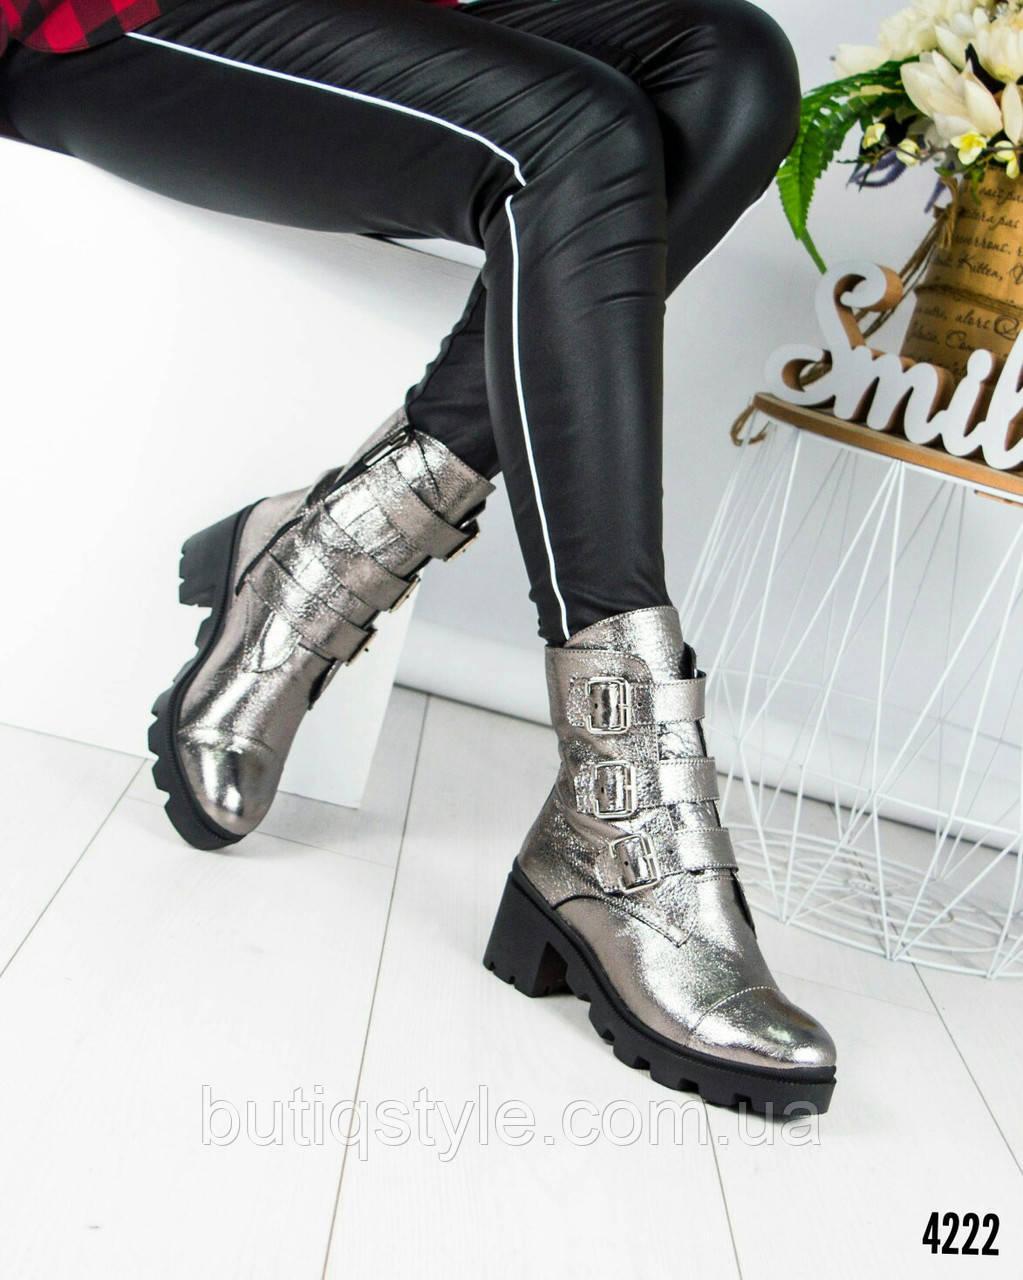 36 размер Демисезонные серебристые женские ботинки на ремешках